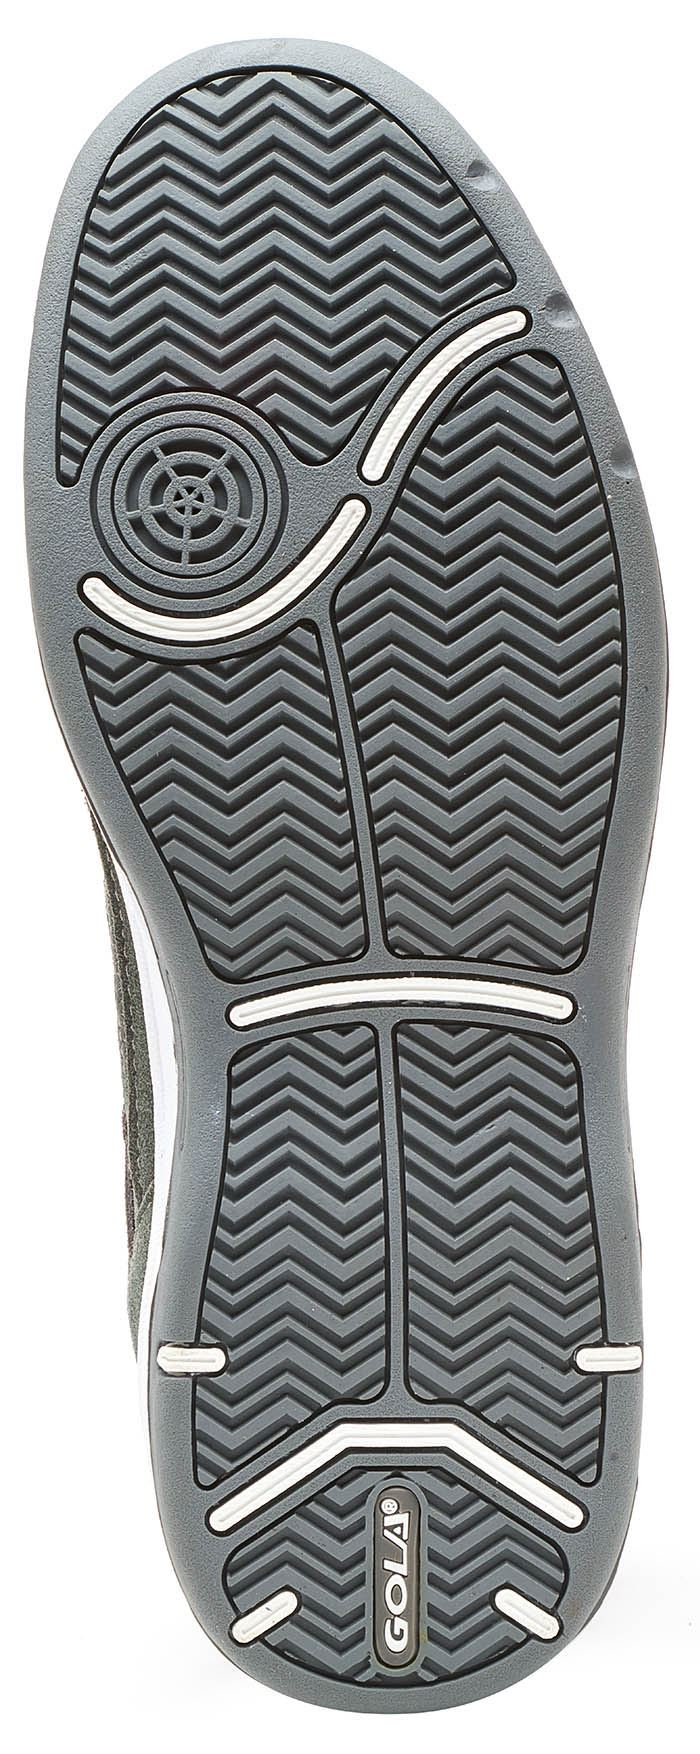 Ouran Attivo Belmont Twin Cinghia Ampia Ampia Cinghia Forma I Formatori In Bianco Nero Blu Ama202 Grey 0e27d8